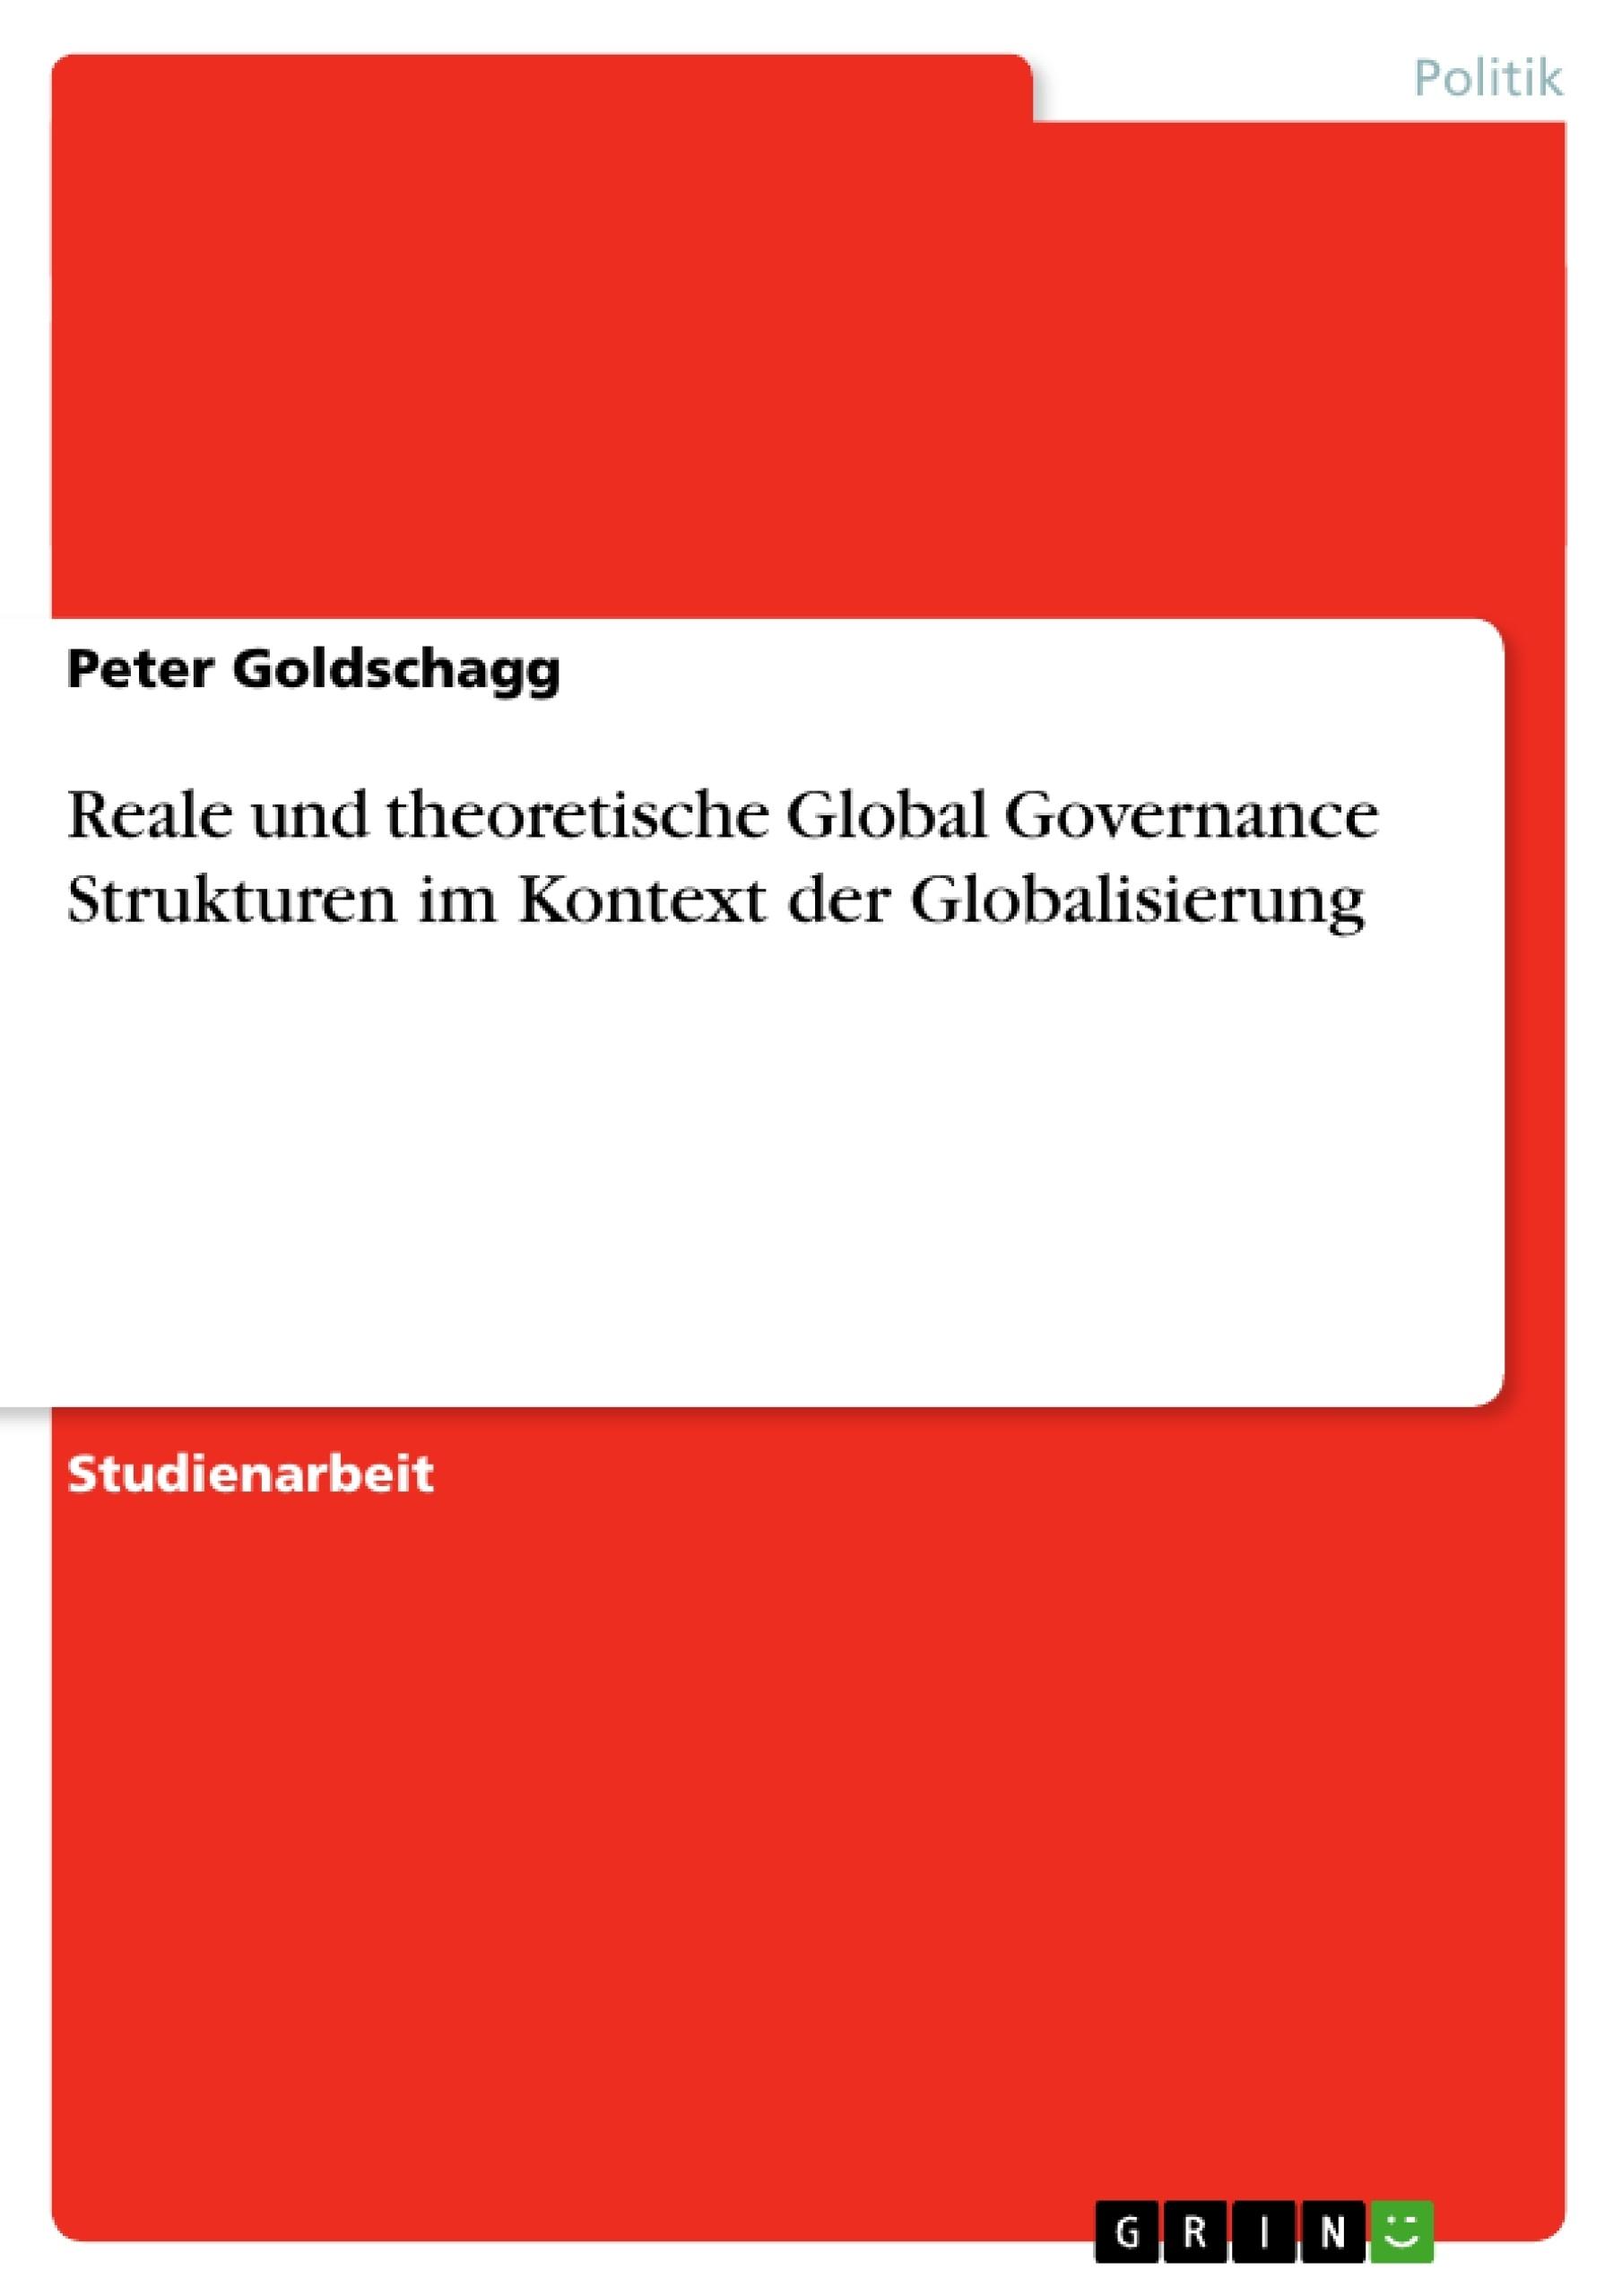 Titel: Reale und theoretische Global Governance Strukturen im Kontext der Globalisierung